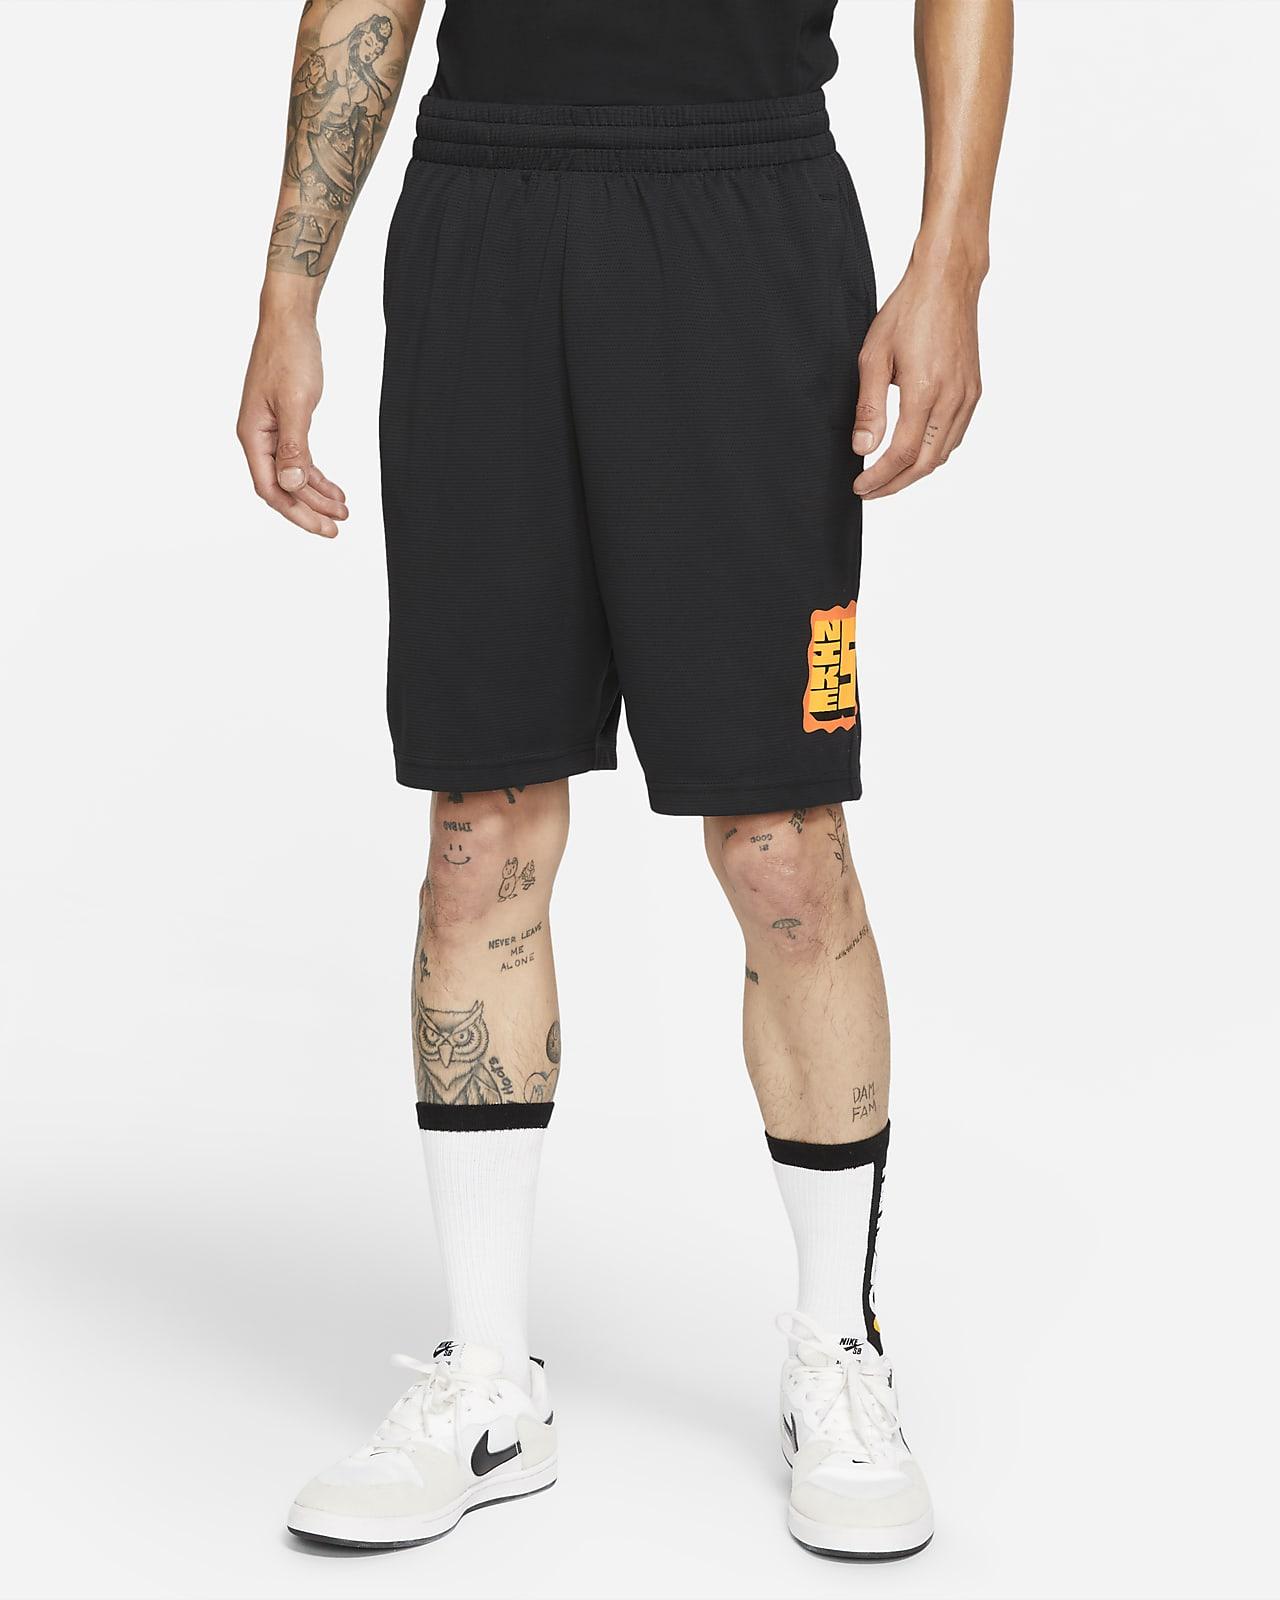 Nike SB Dri-FIT Sunday Seasonal Skate Shorts